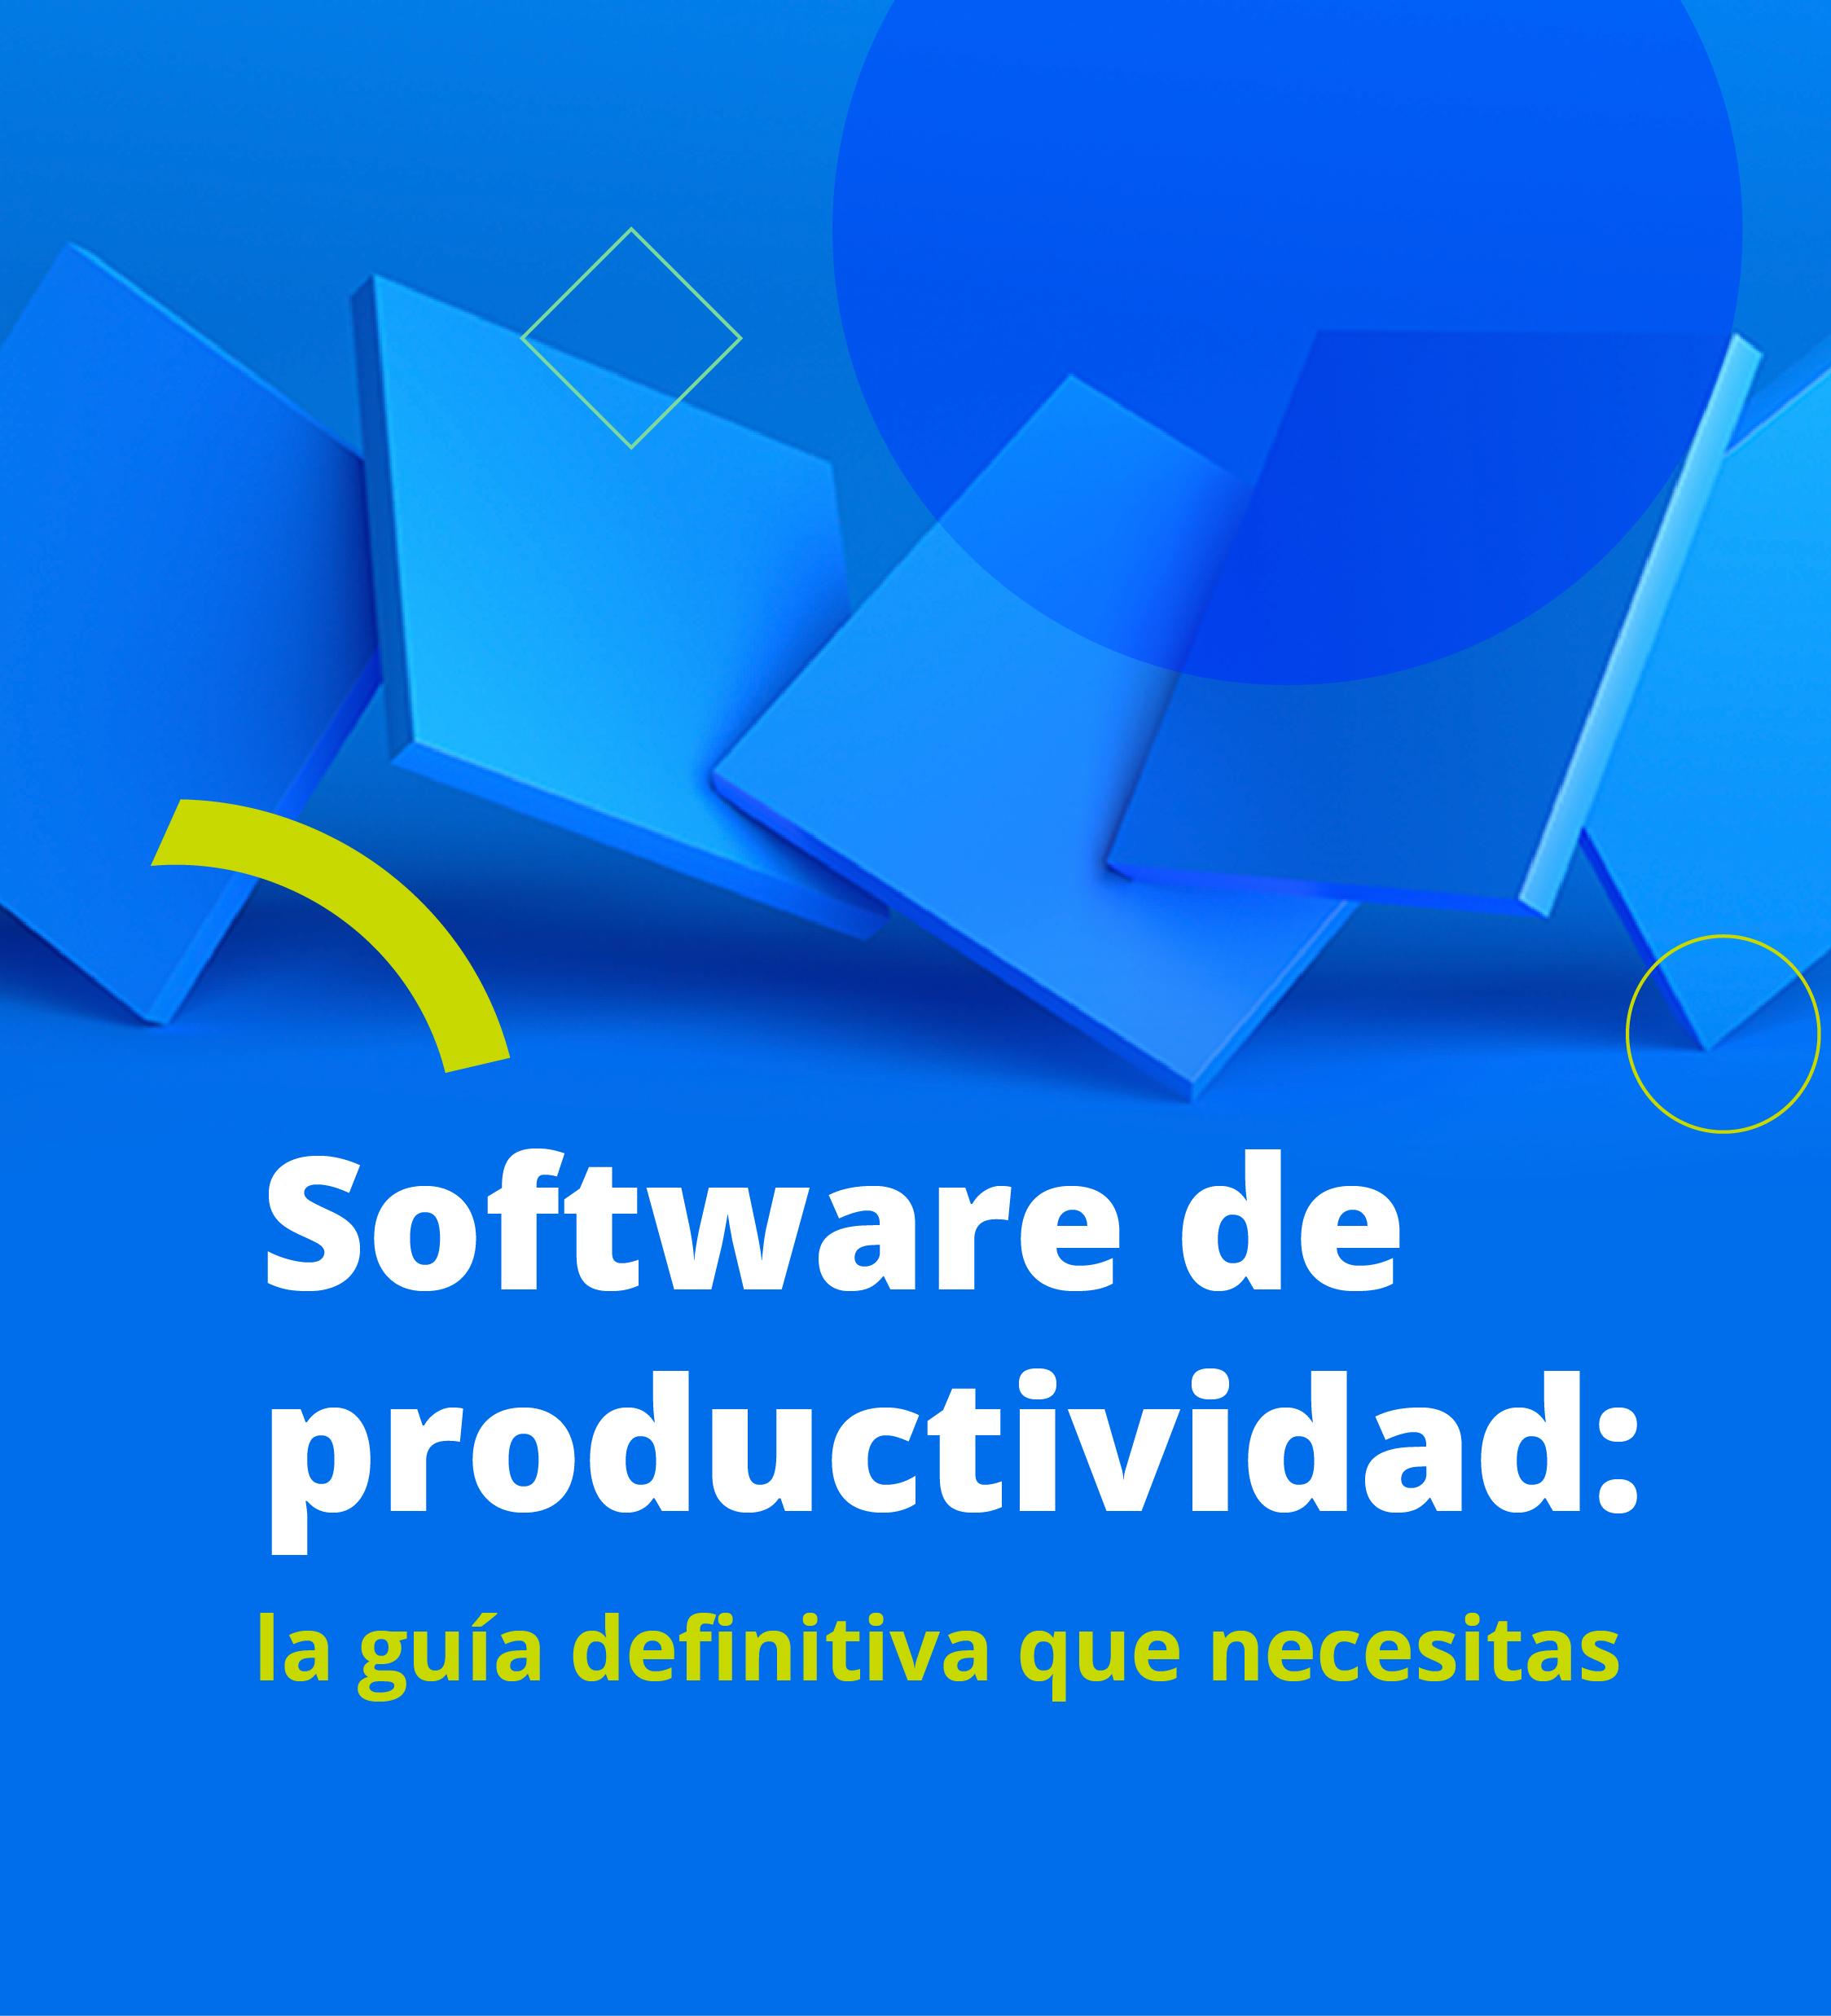 Software de productividad: Guía